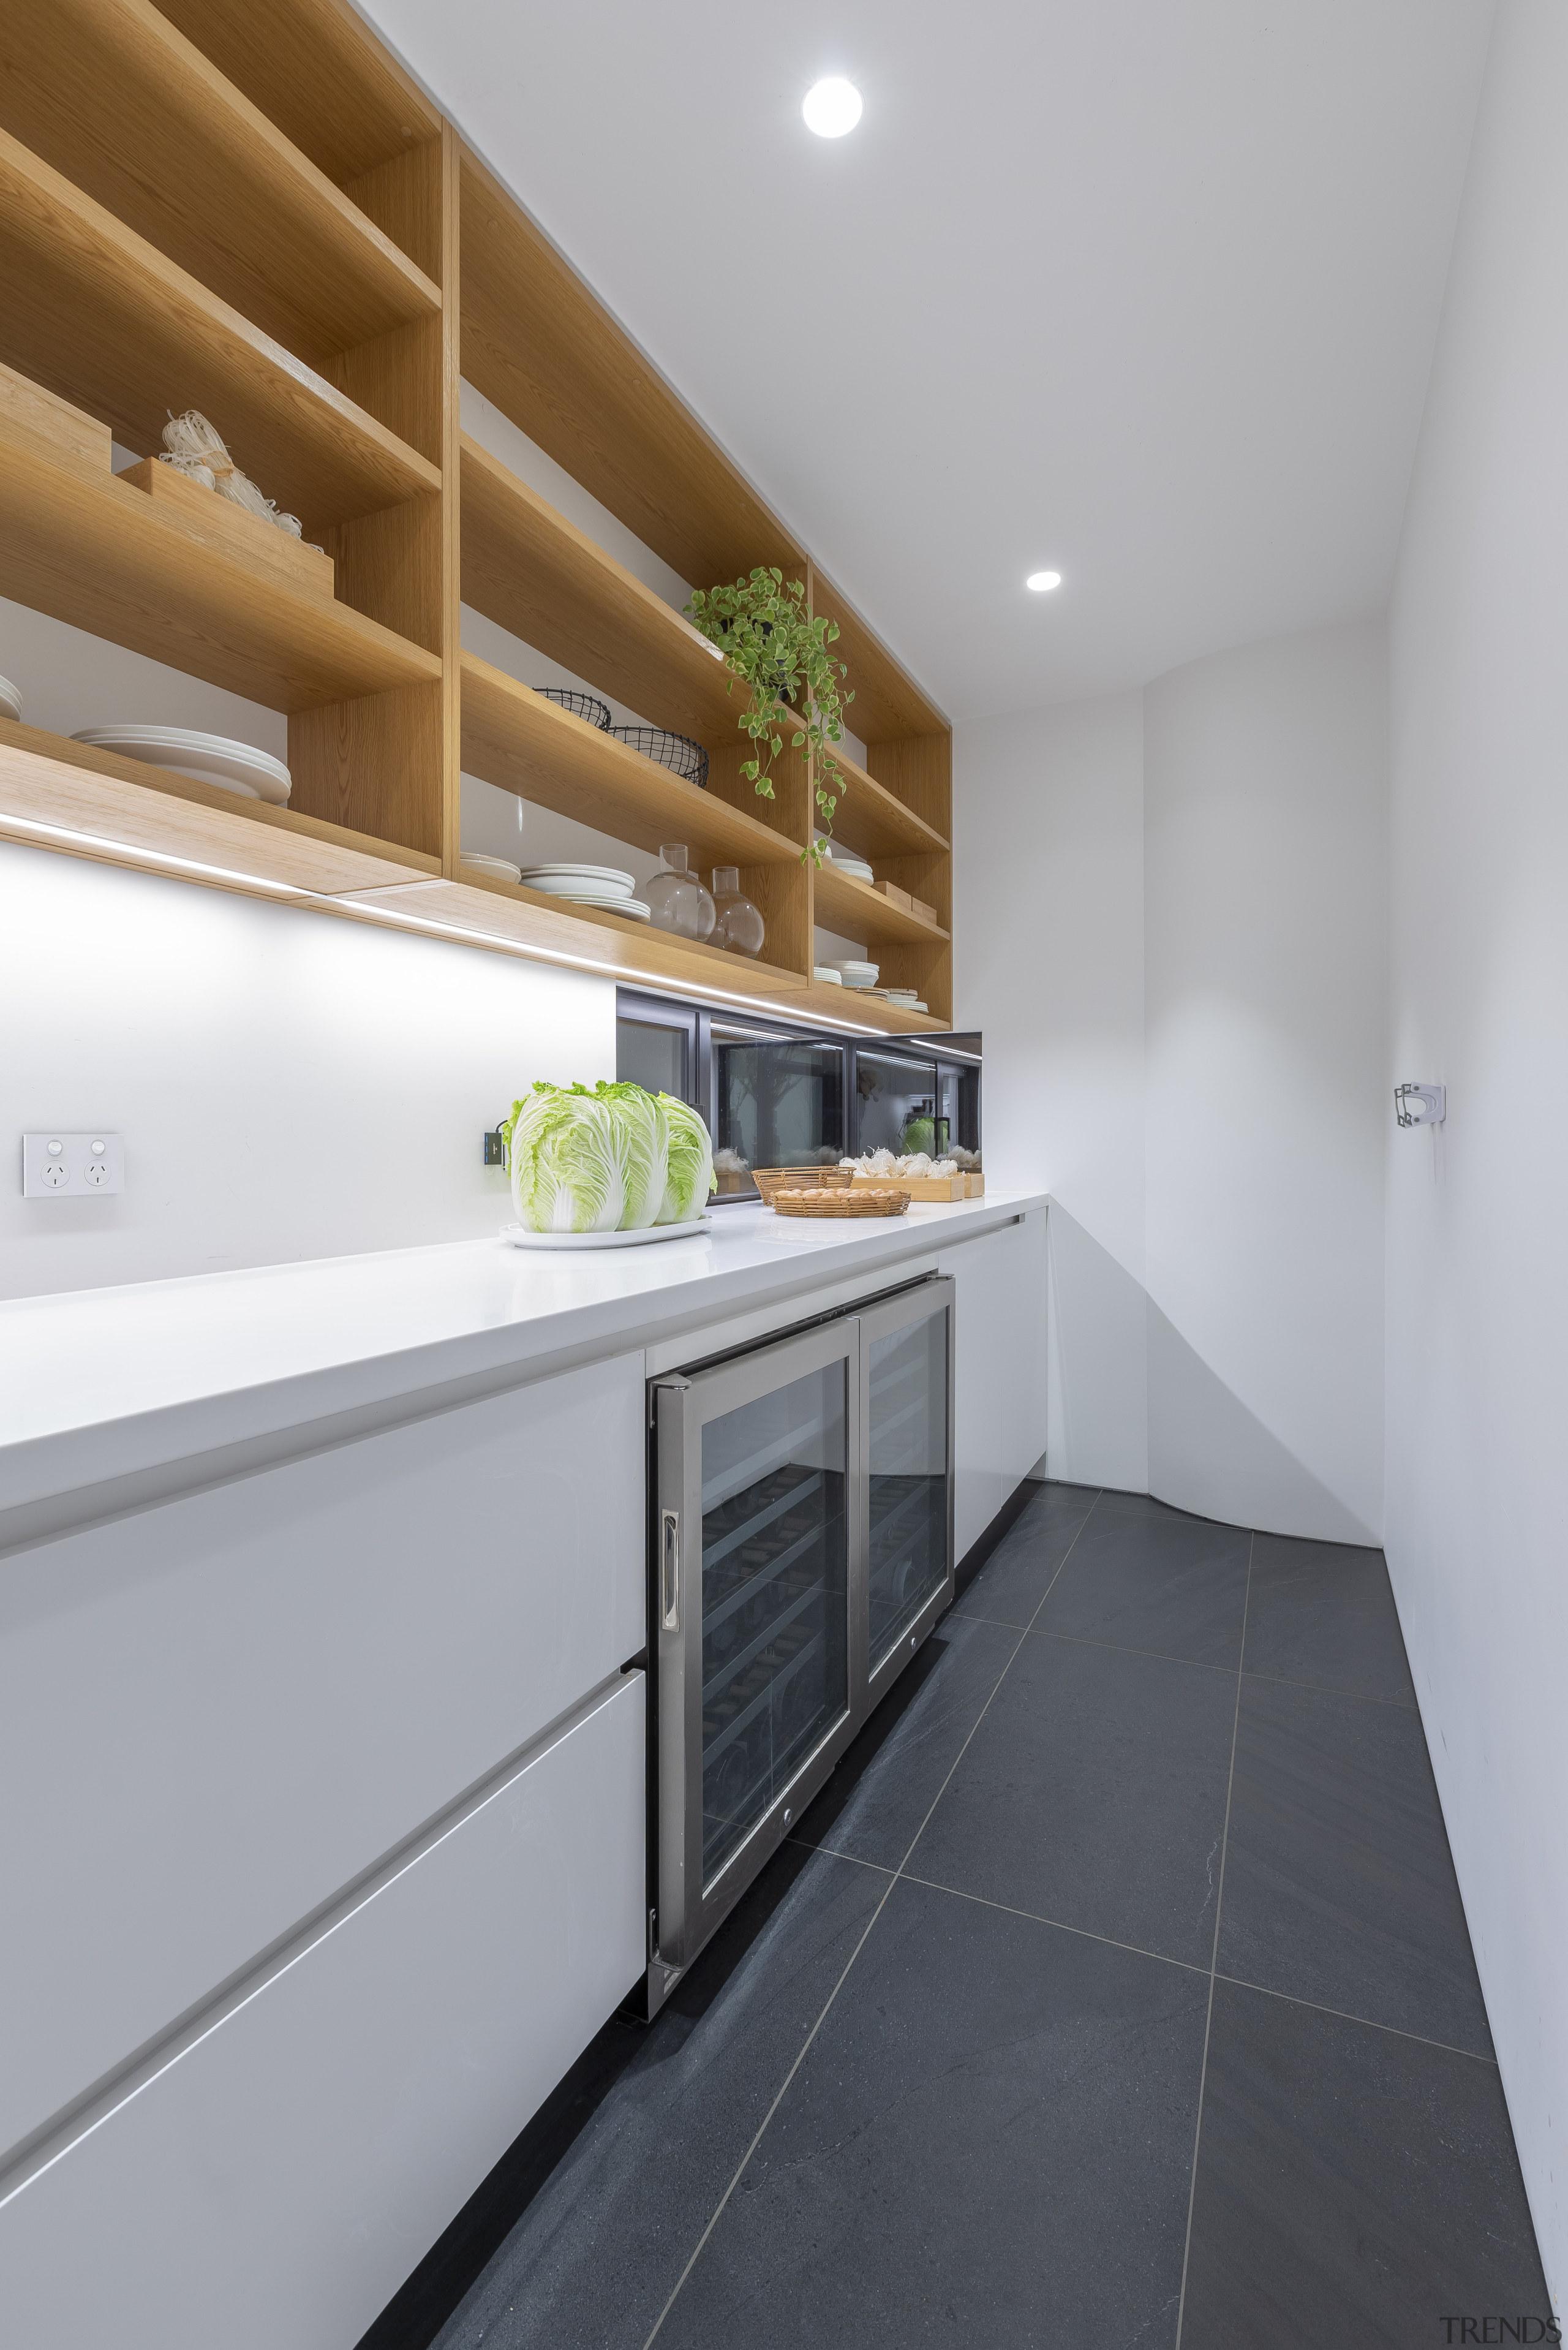 Black floor tiles seen in the living spaces